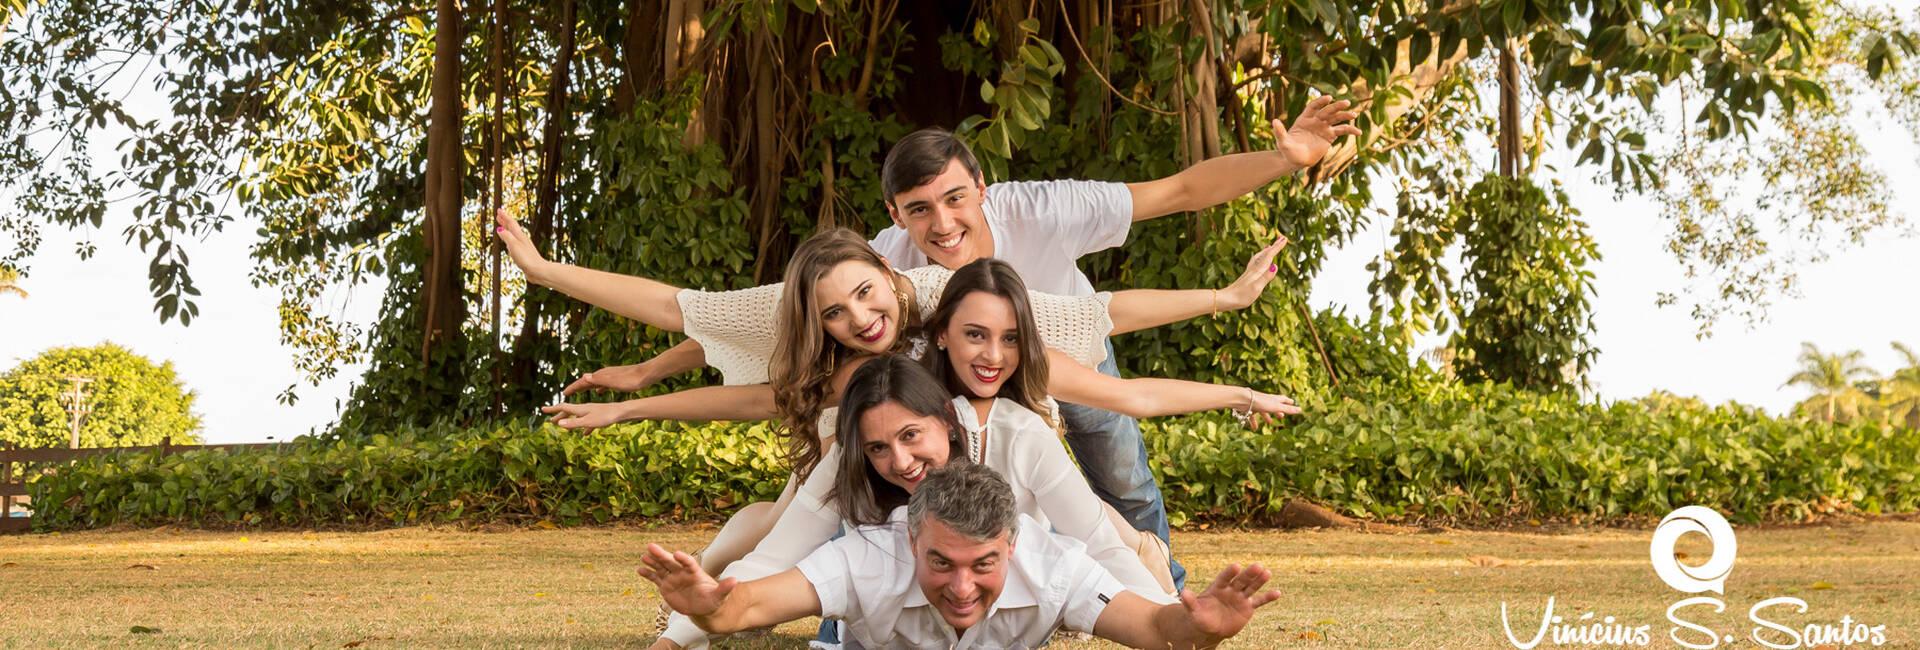 Ensaio Externo de Ensaio de Familia